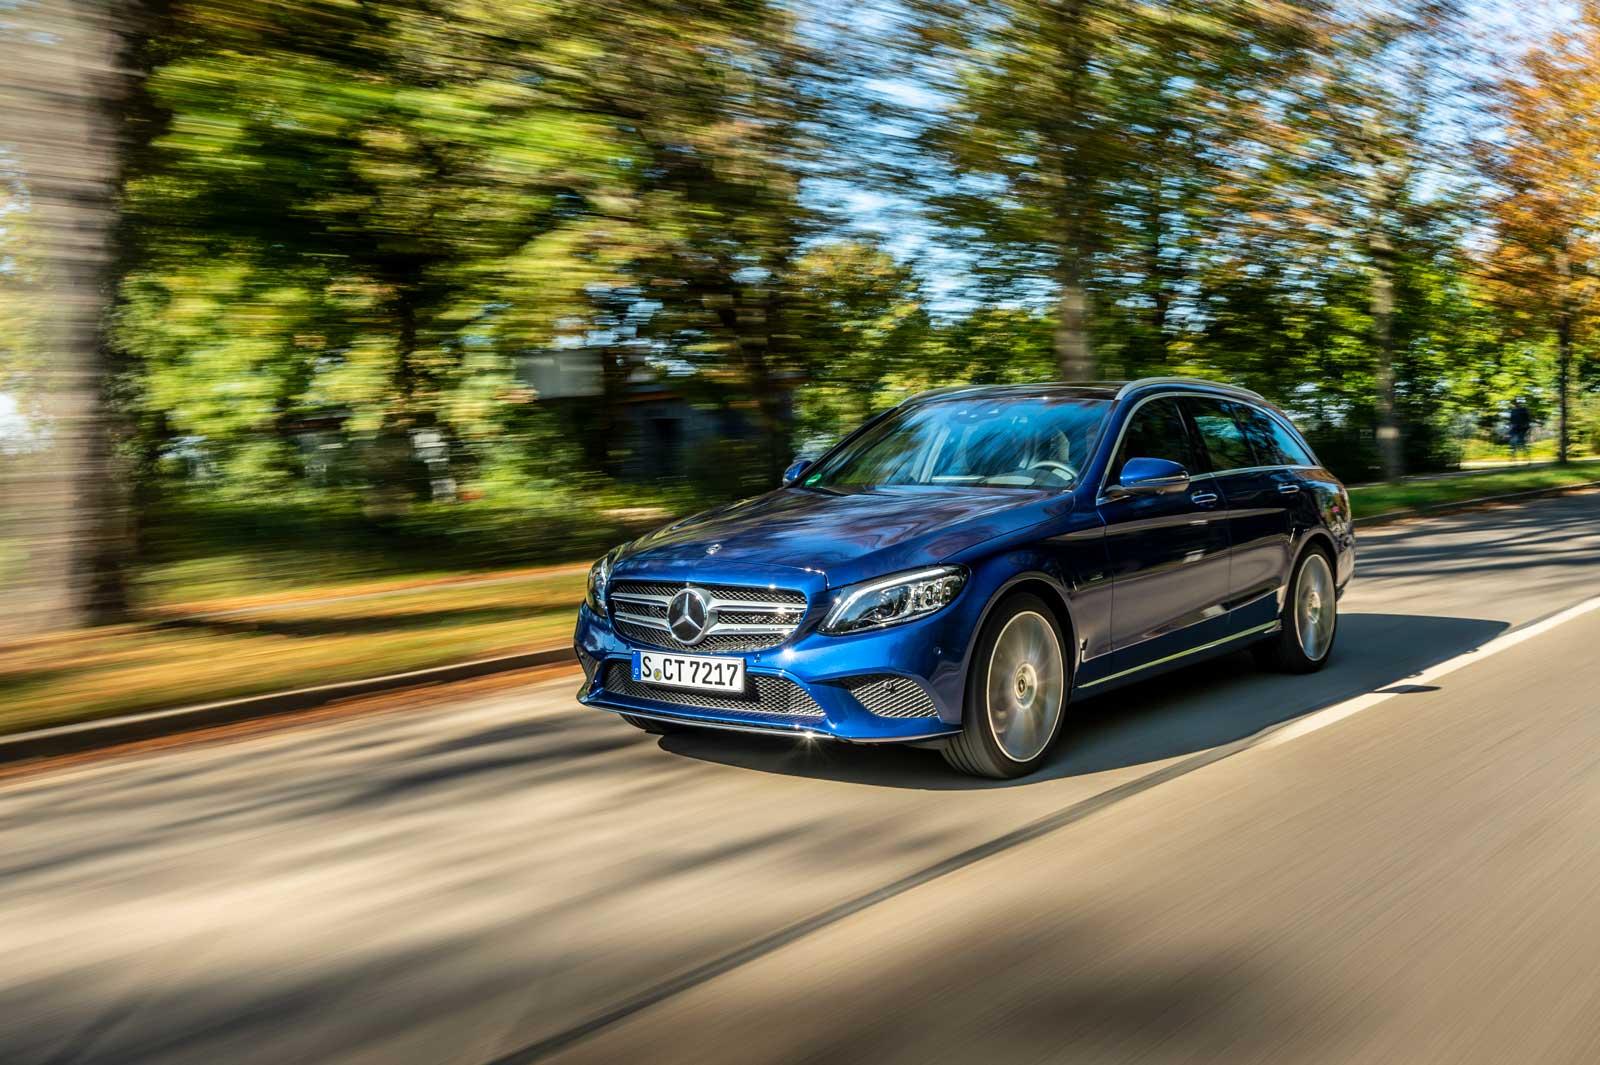 Mercedes C-klasse Diesel hybrid